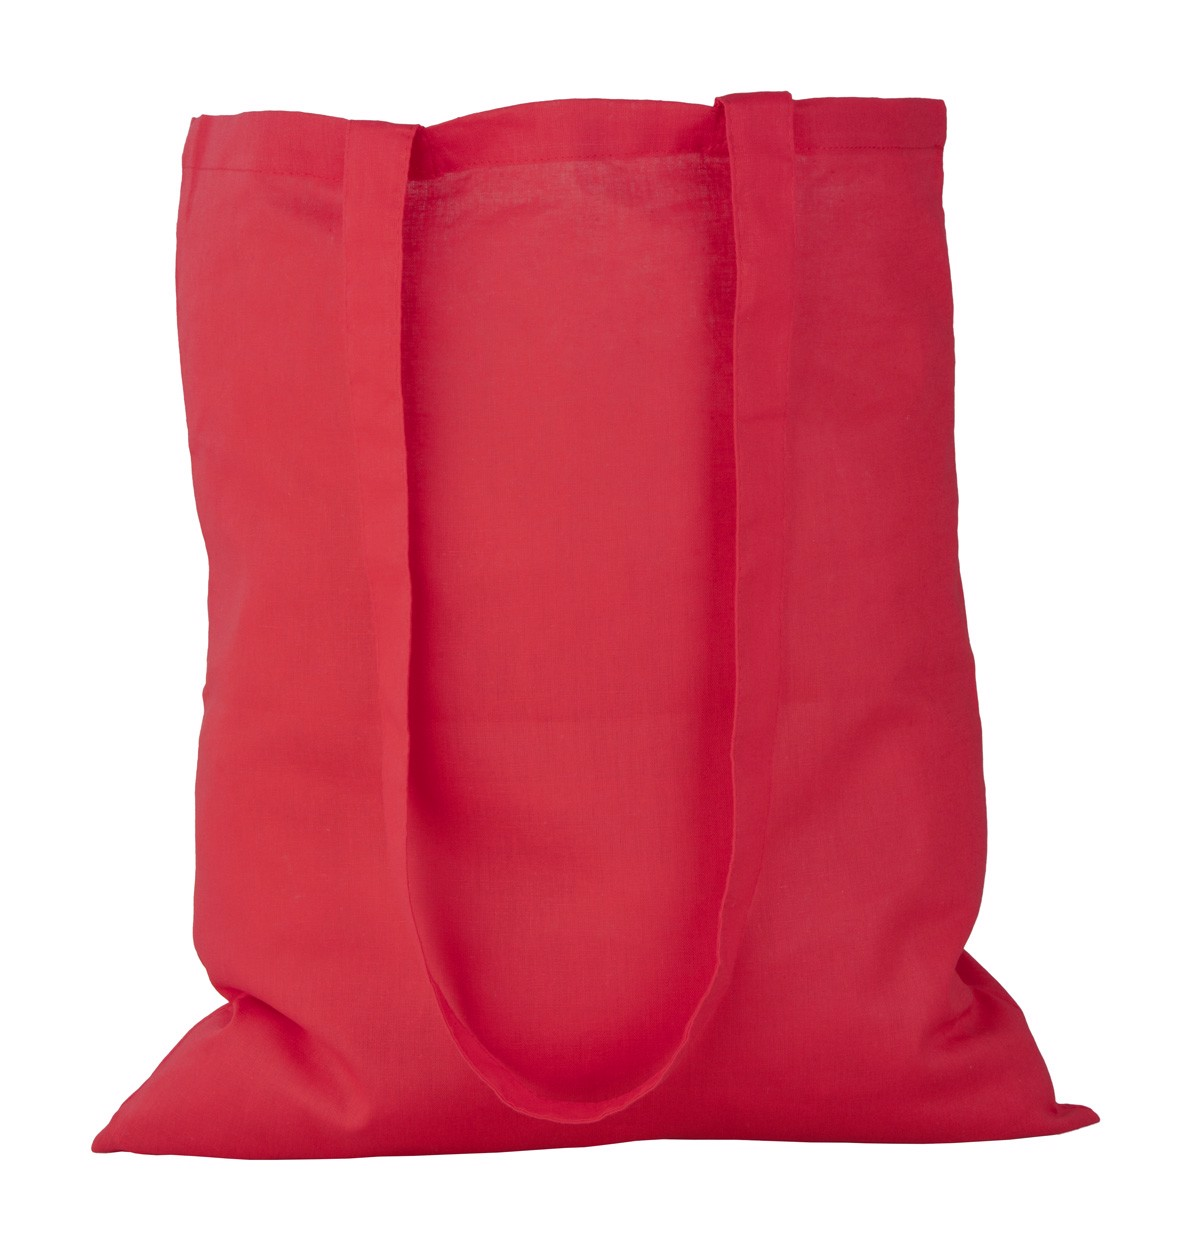 Geantă Geiser - Roșu